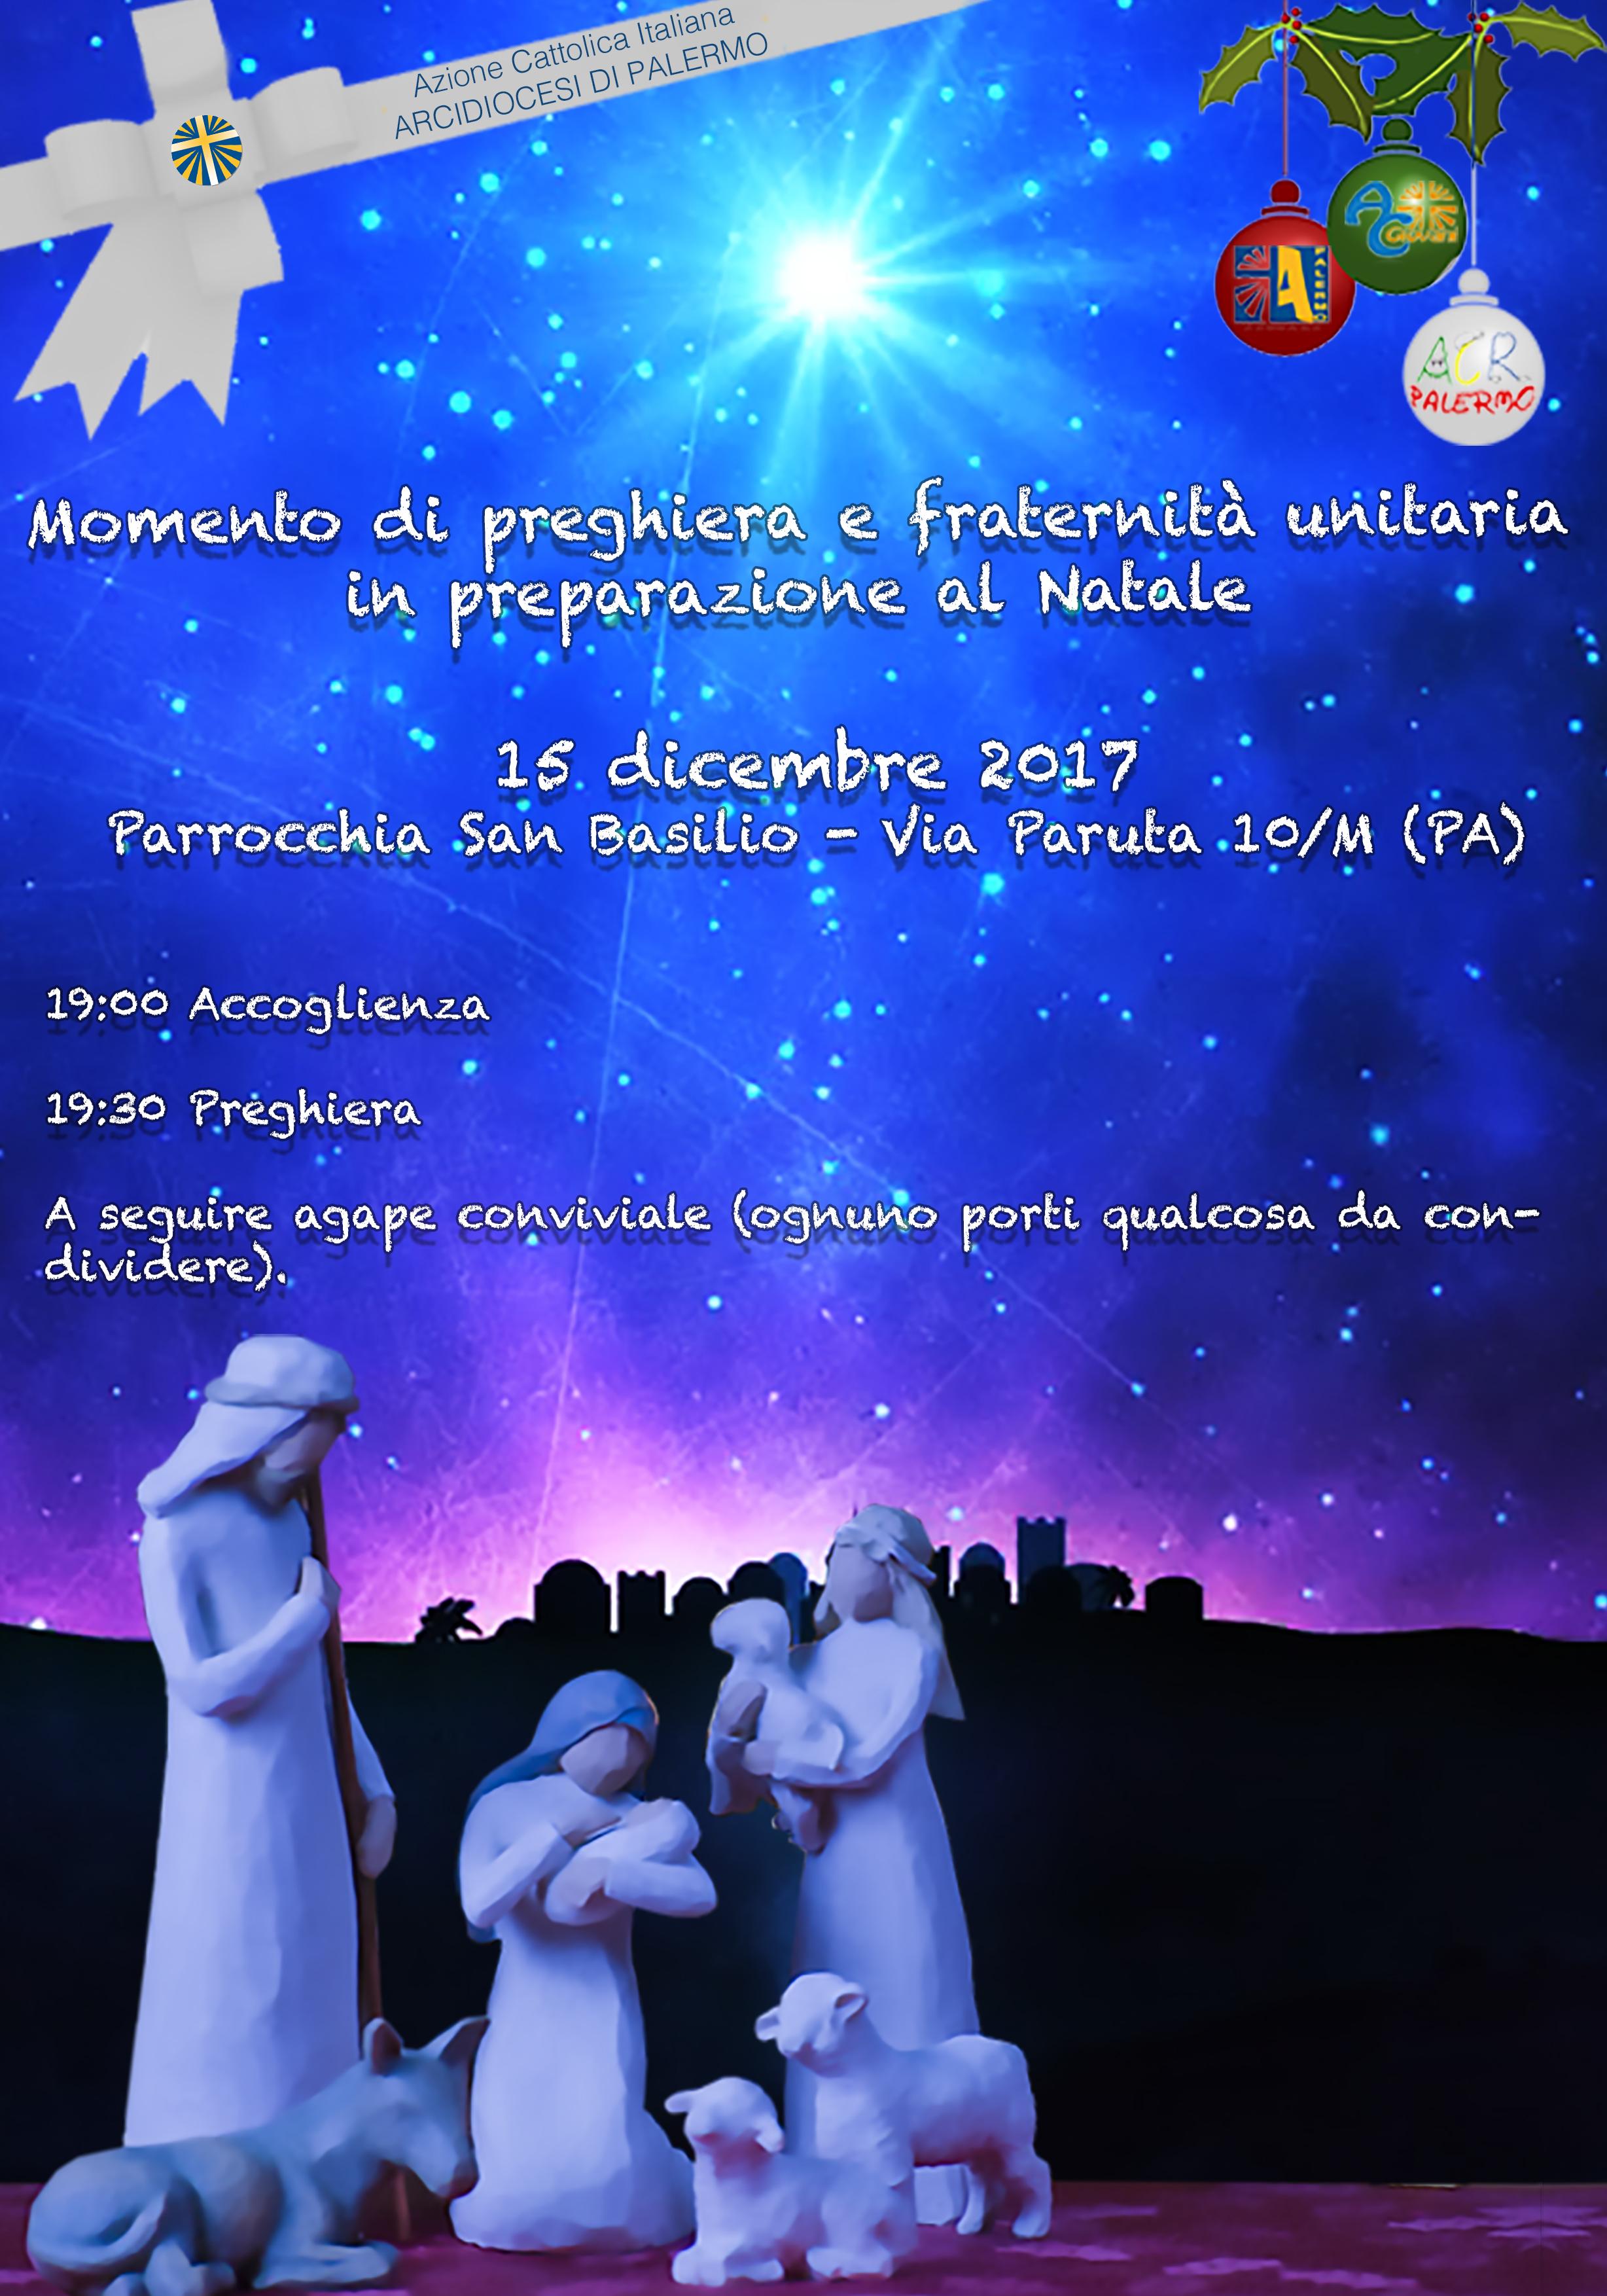 Momento di preghiera in preparazione al Natale 2017